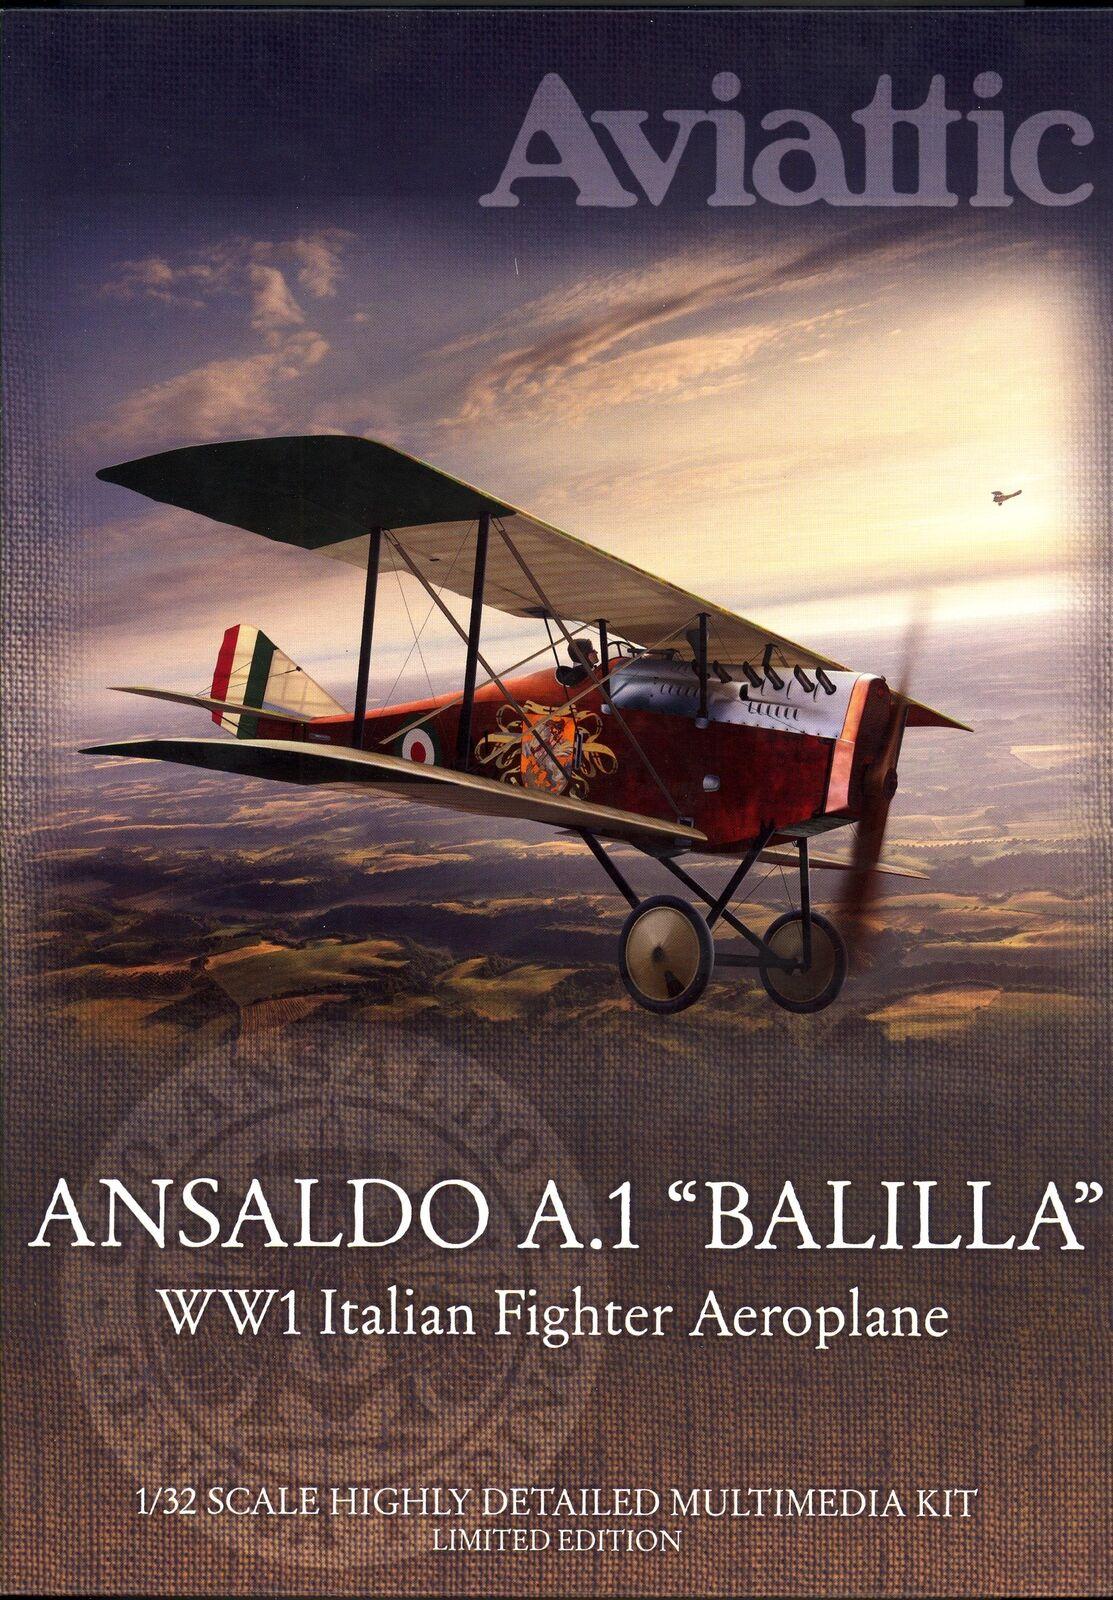 Aviattic Modelos  Ansaldo A.1 hablar italiano combatiente de la I Guerra Mundial